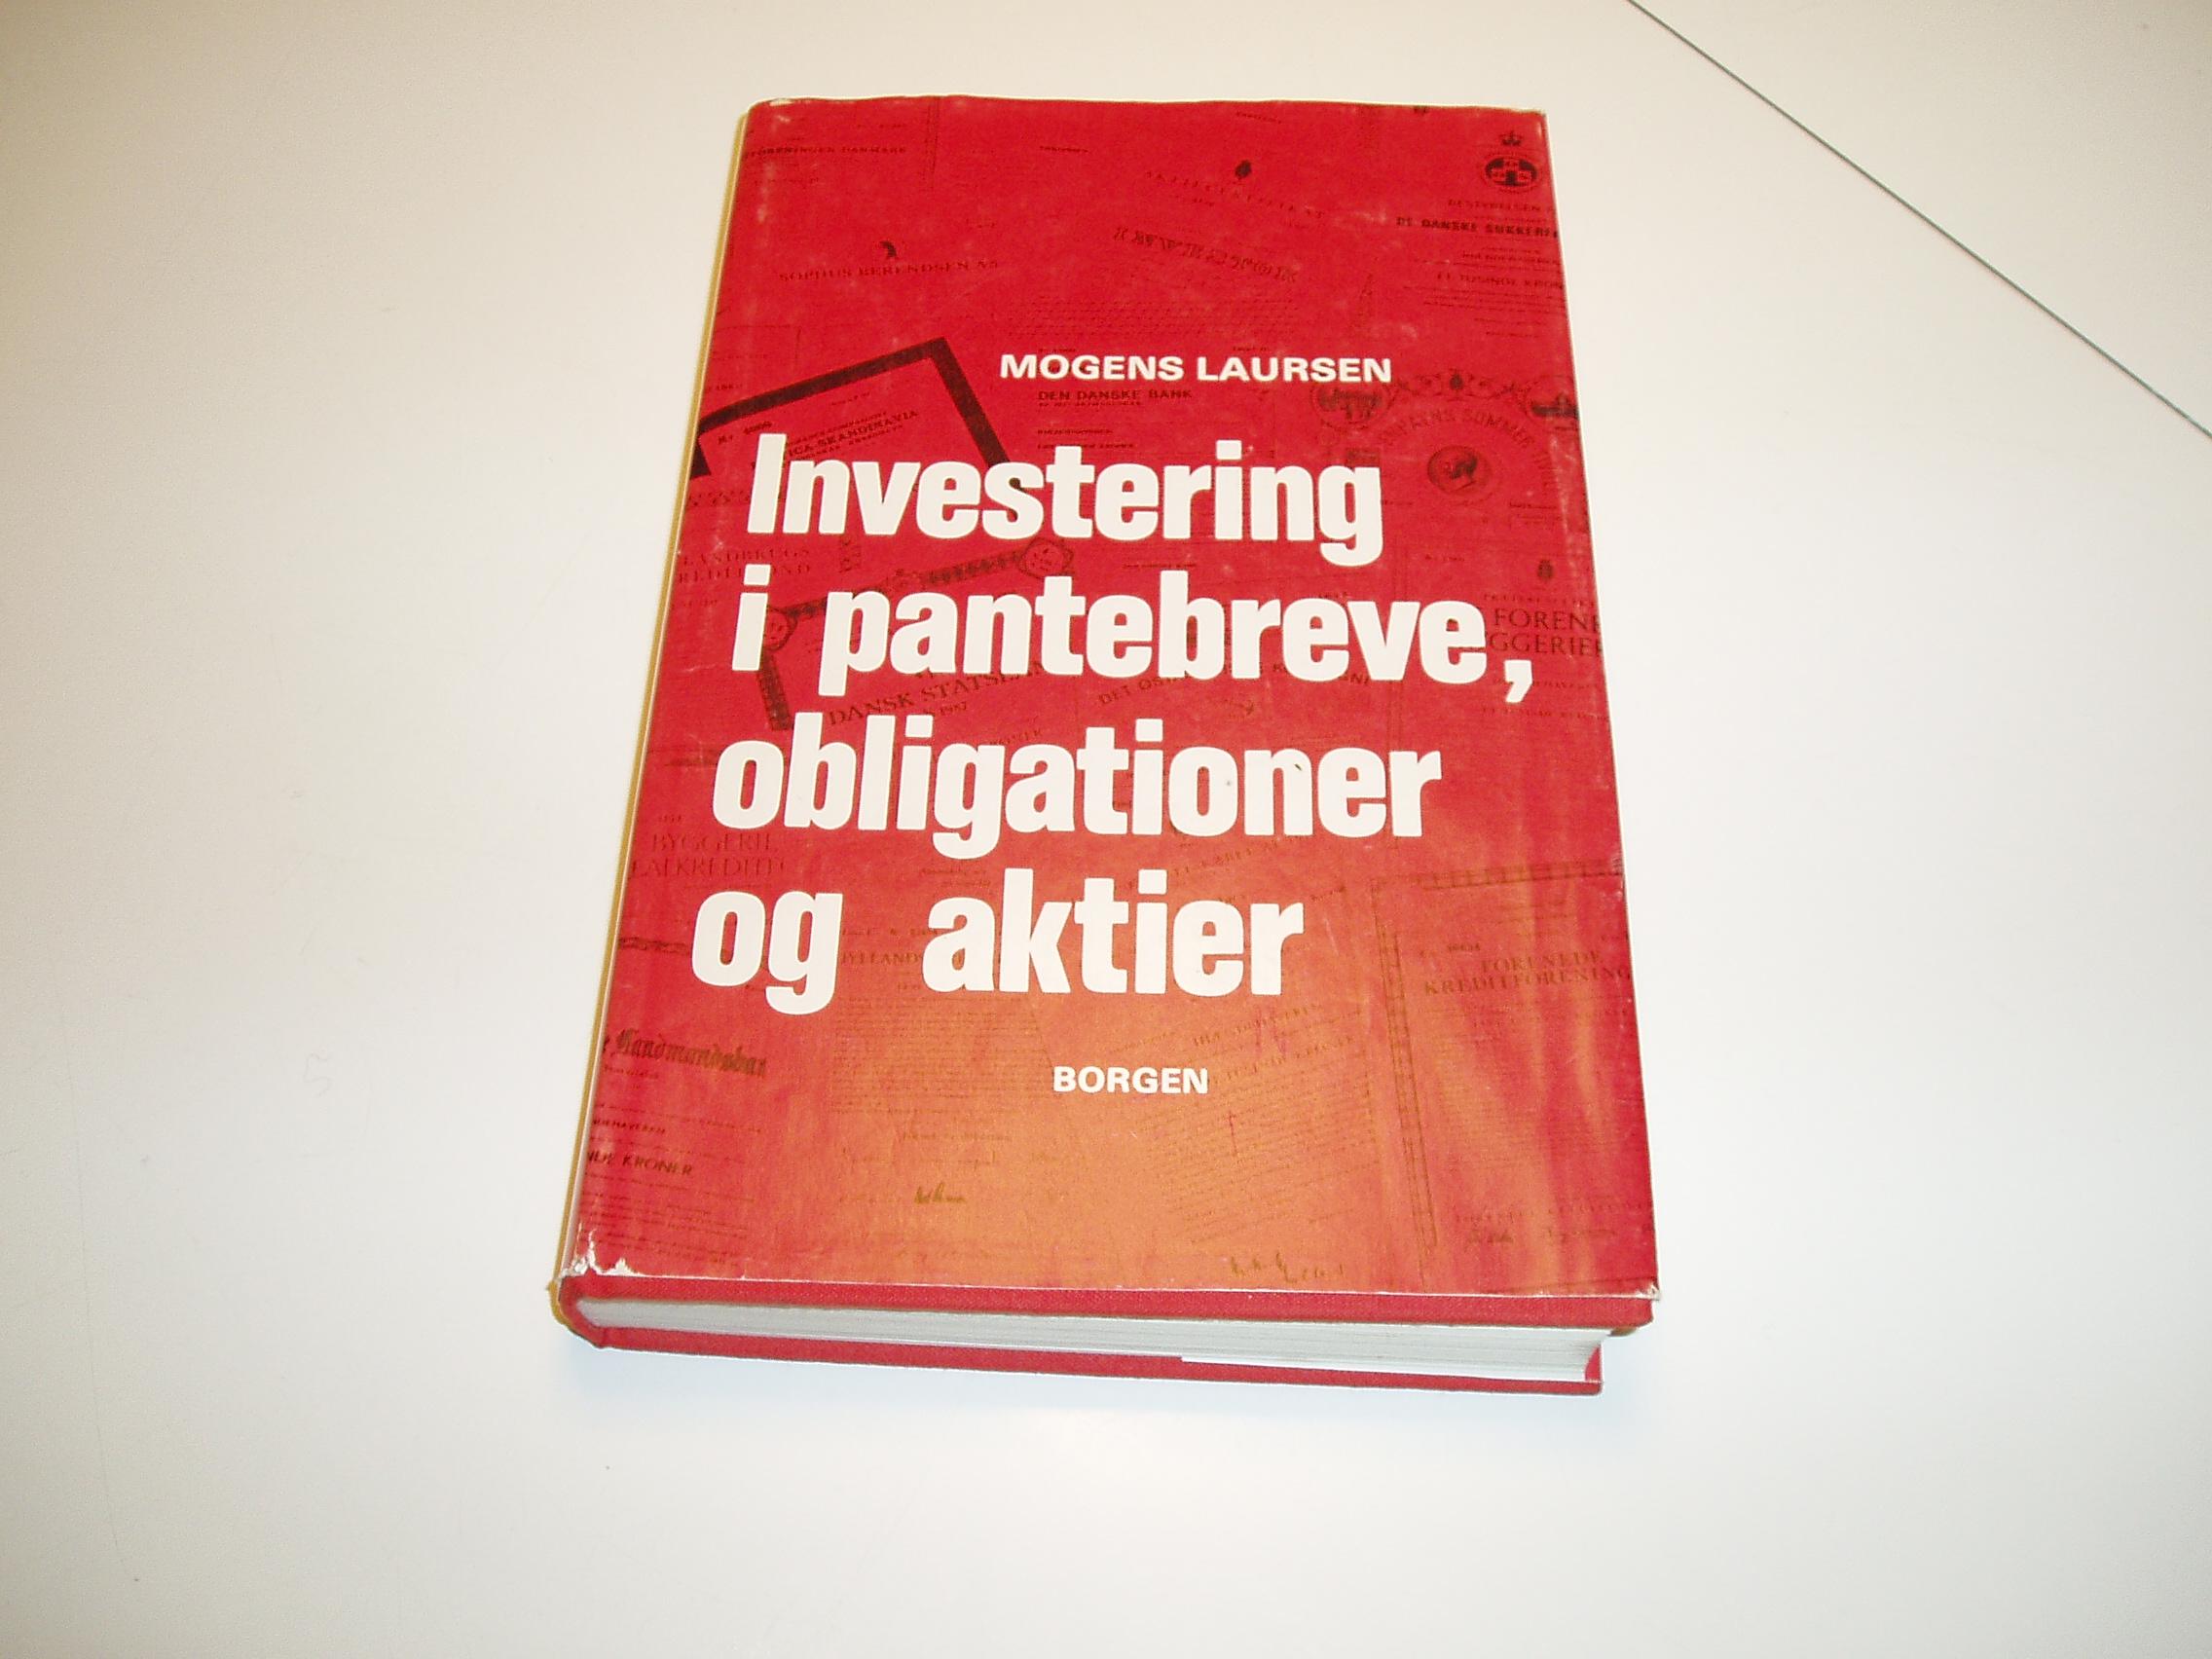 Investering i pantebreve, obligationer og aktier. 2. udgave